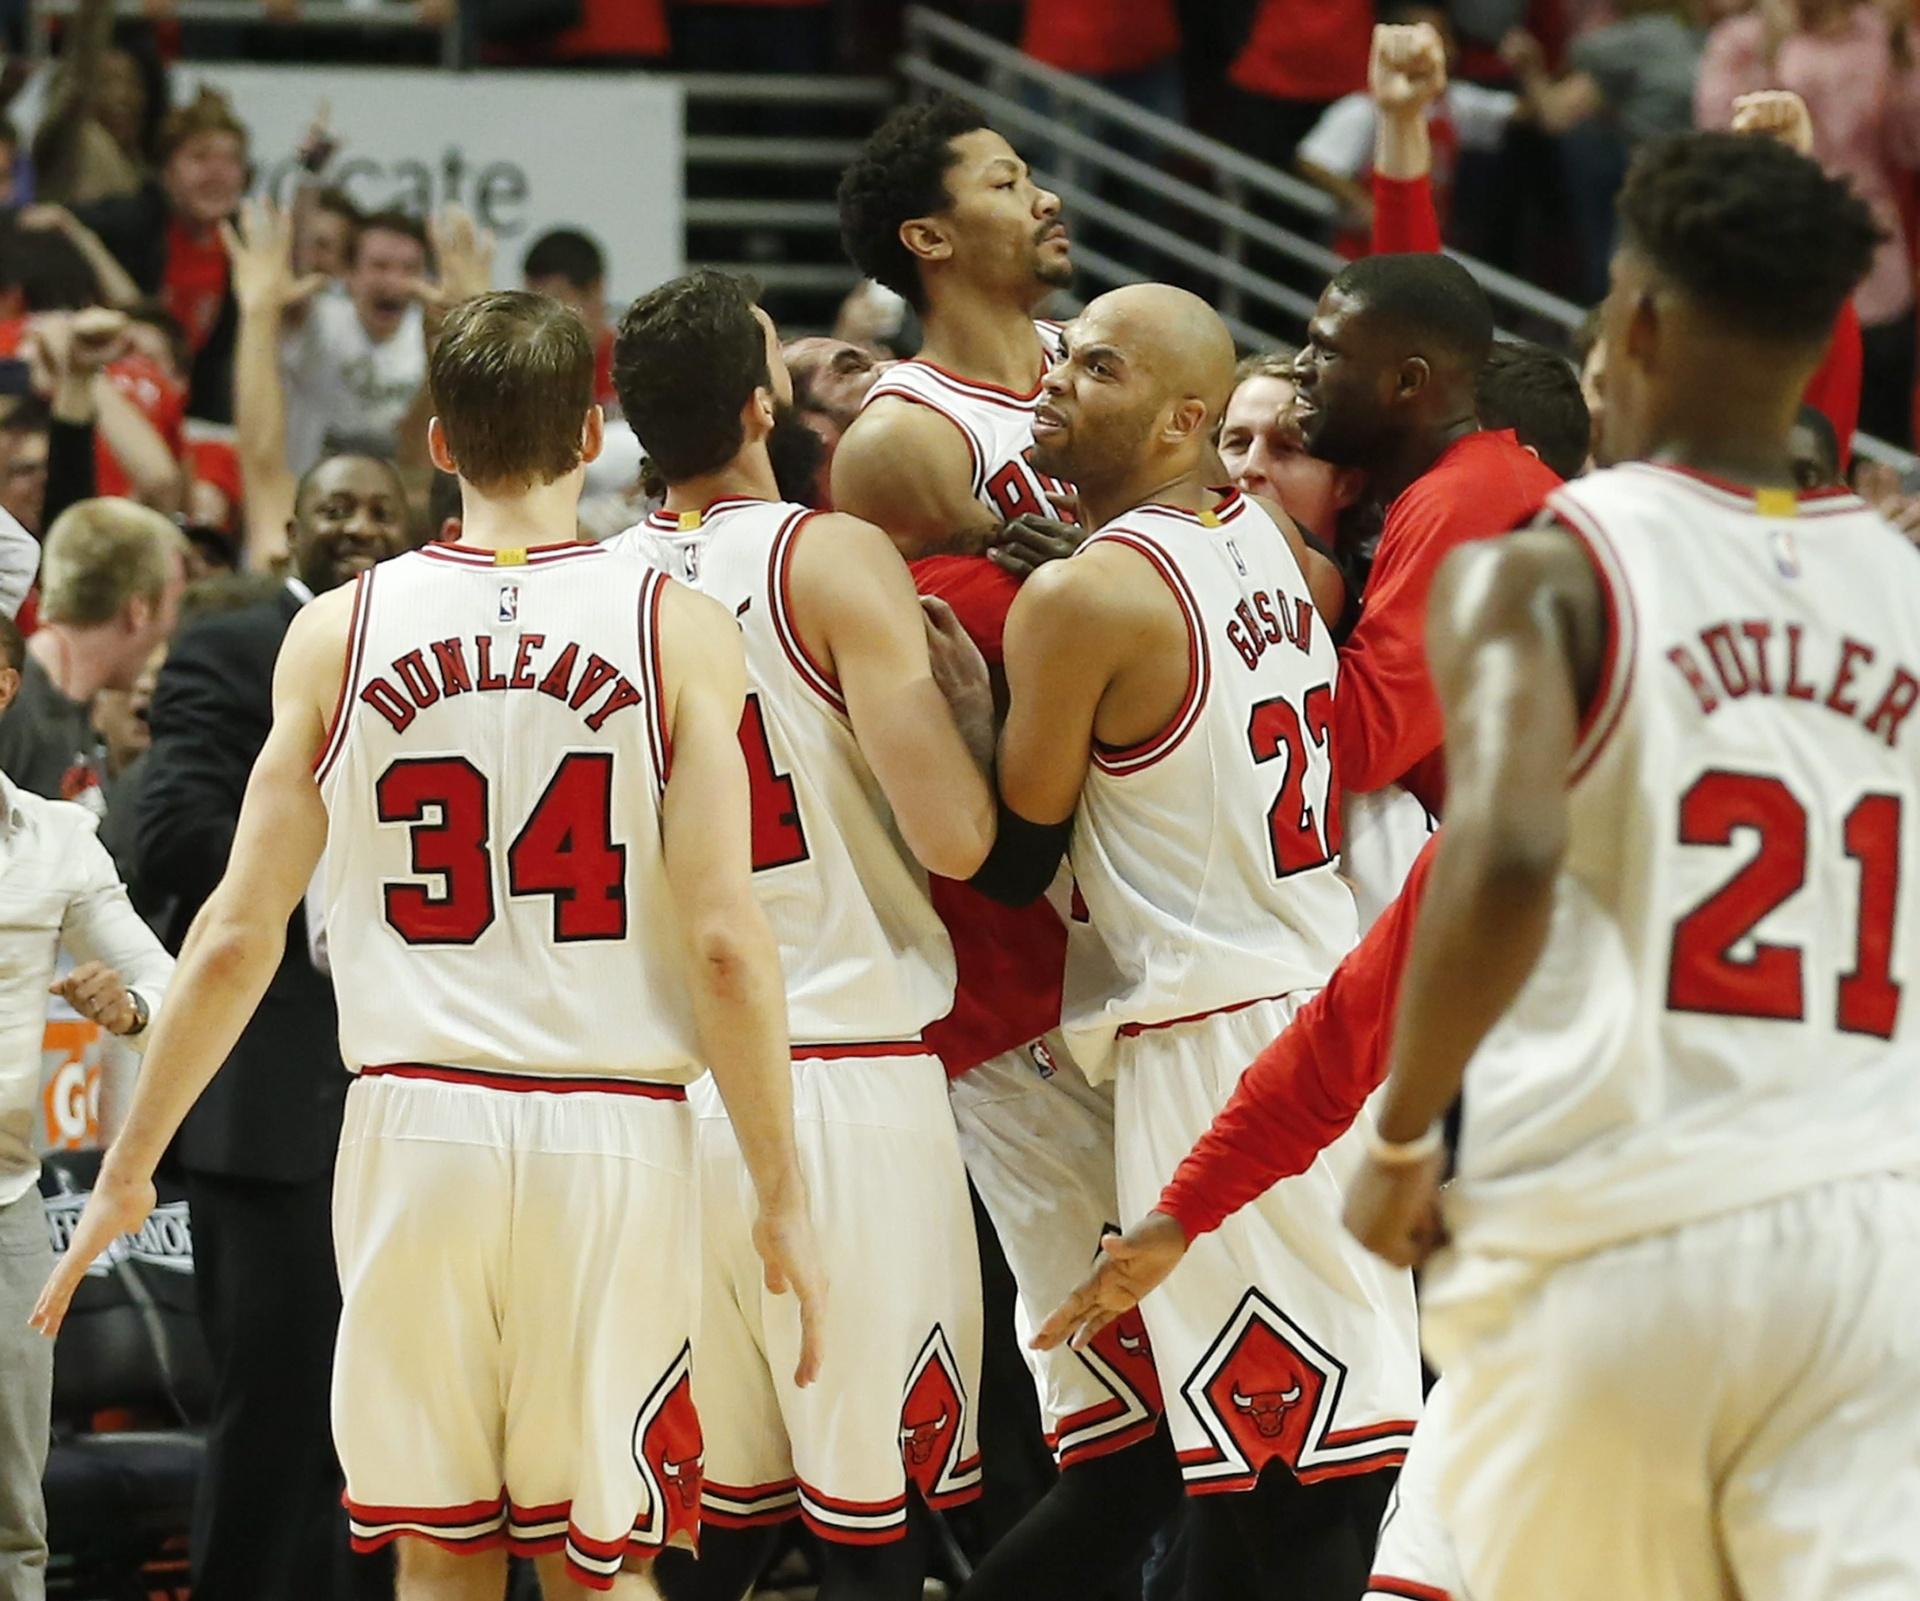 f5ac2e8d96a0 Melhor da noite da NBA  cesta espírita de Derrick Rose e surra dos Clippers  - 09 05 2015 - UOL Esporte